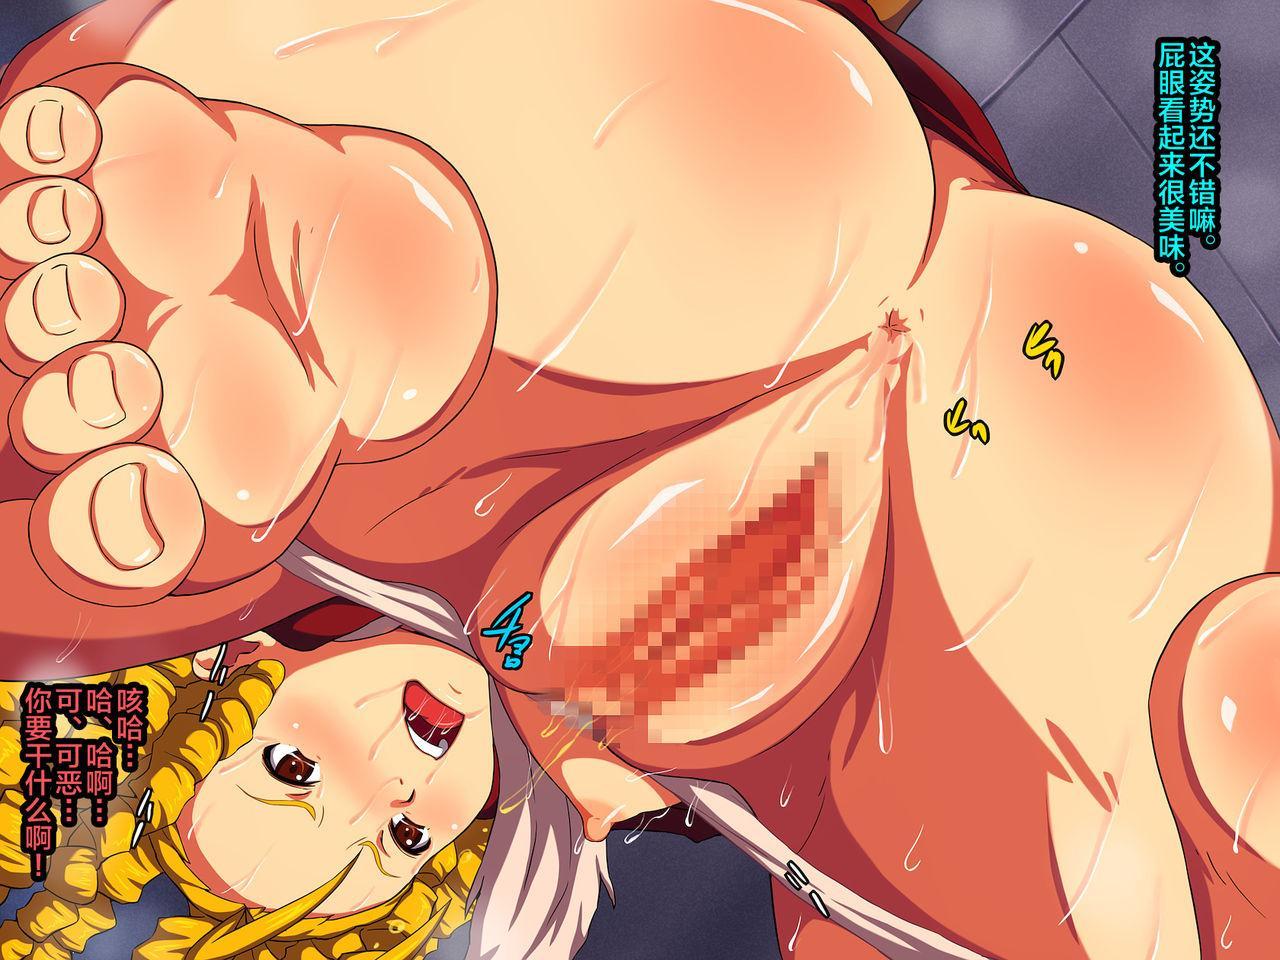 [L-u (Makura no Doushi)] Kegasareta Ojou-sama -Tights ni Shimiru Jiru- (Street Fighter) [Chinese] [新桥月白日语社] 170